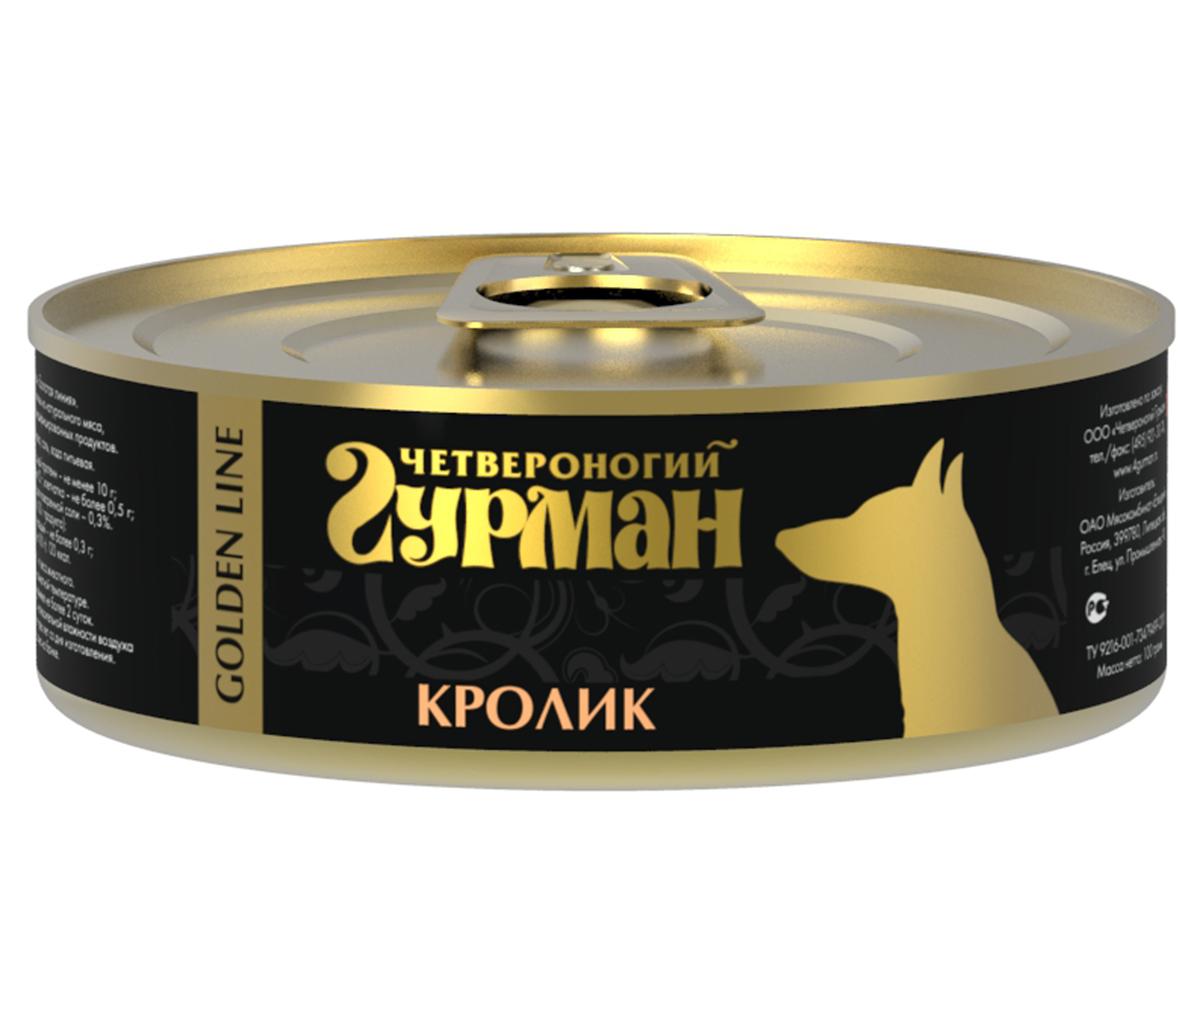 """Консервы для собак """"Четвероногий Гурман"""", с кроликом, 100 г 49953"""